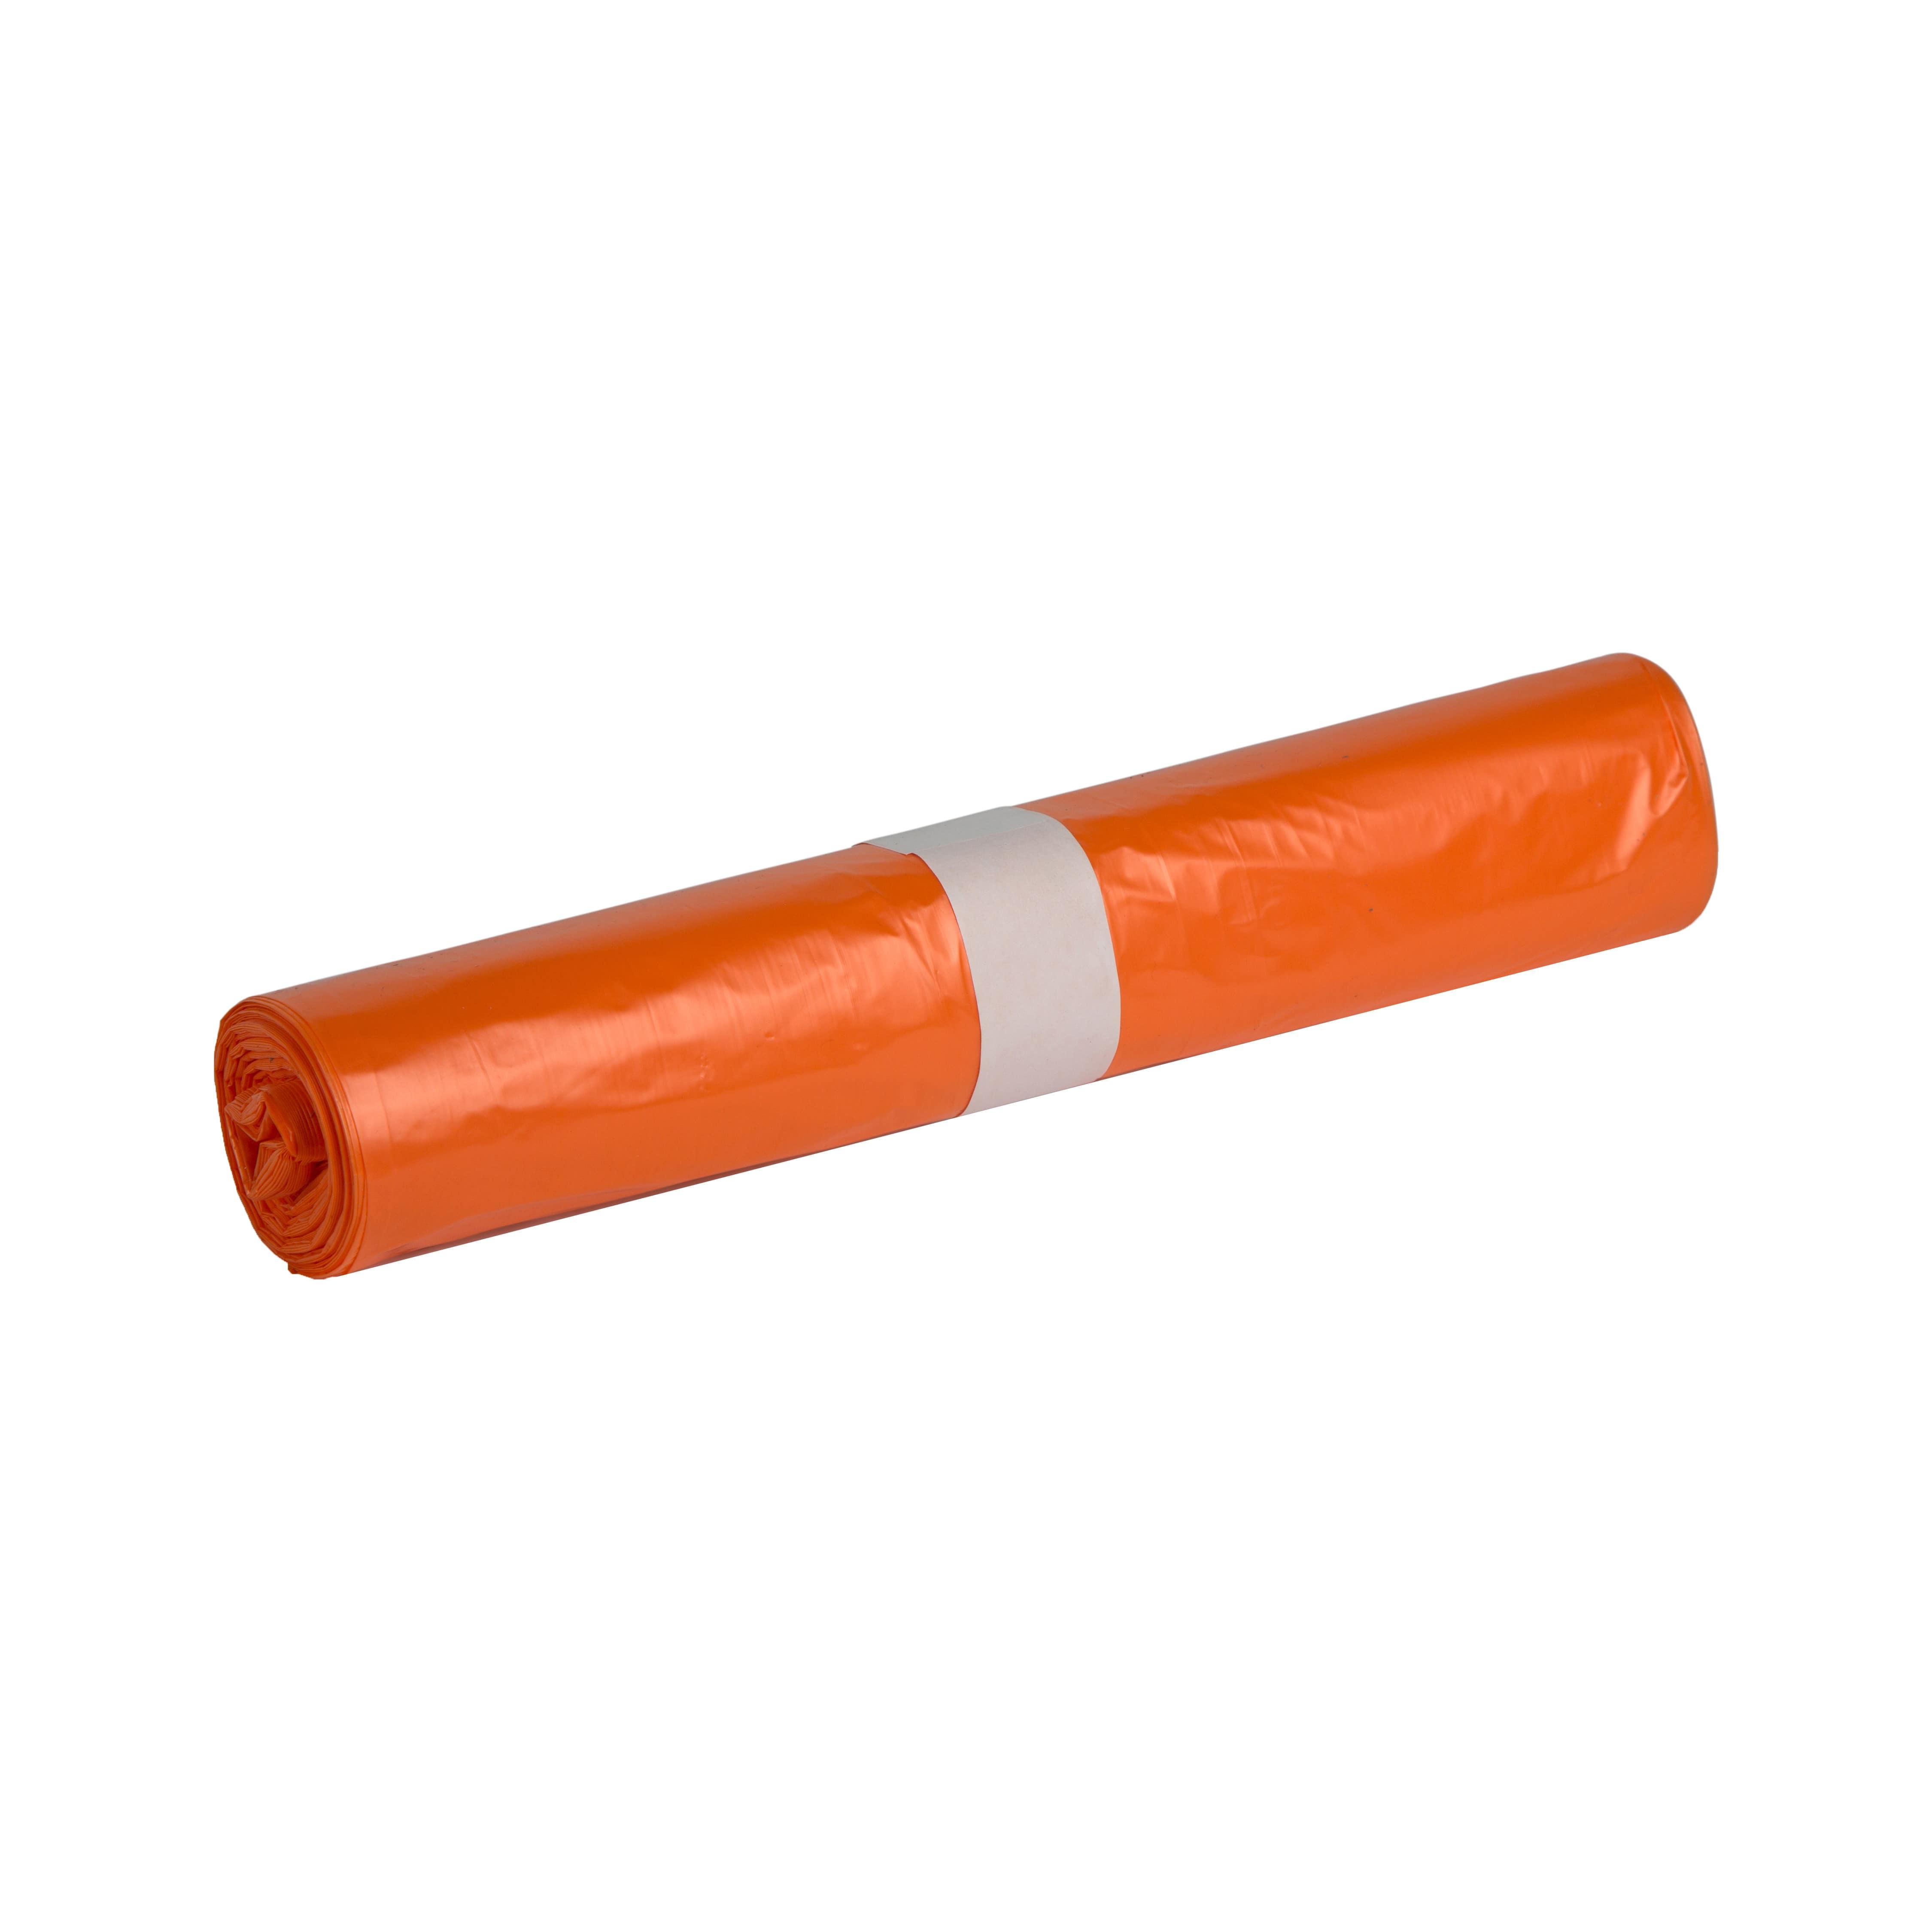 Afvalzak | Oranje | 58 x 100 cm | 20 x 25 zakken